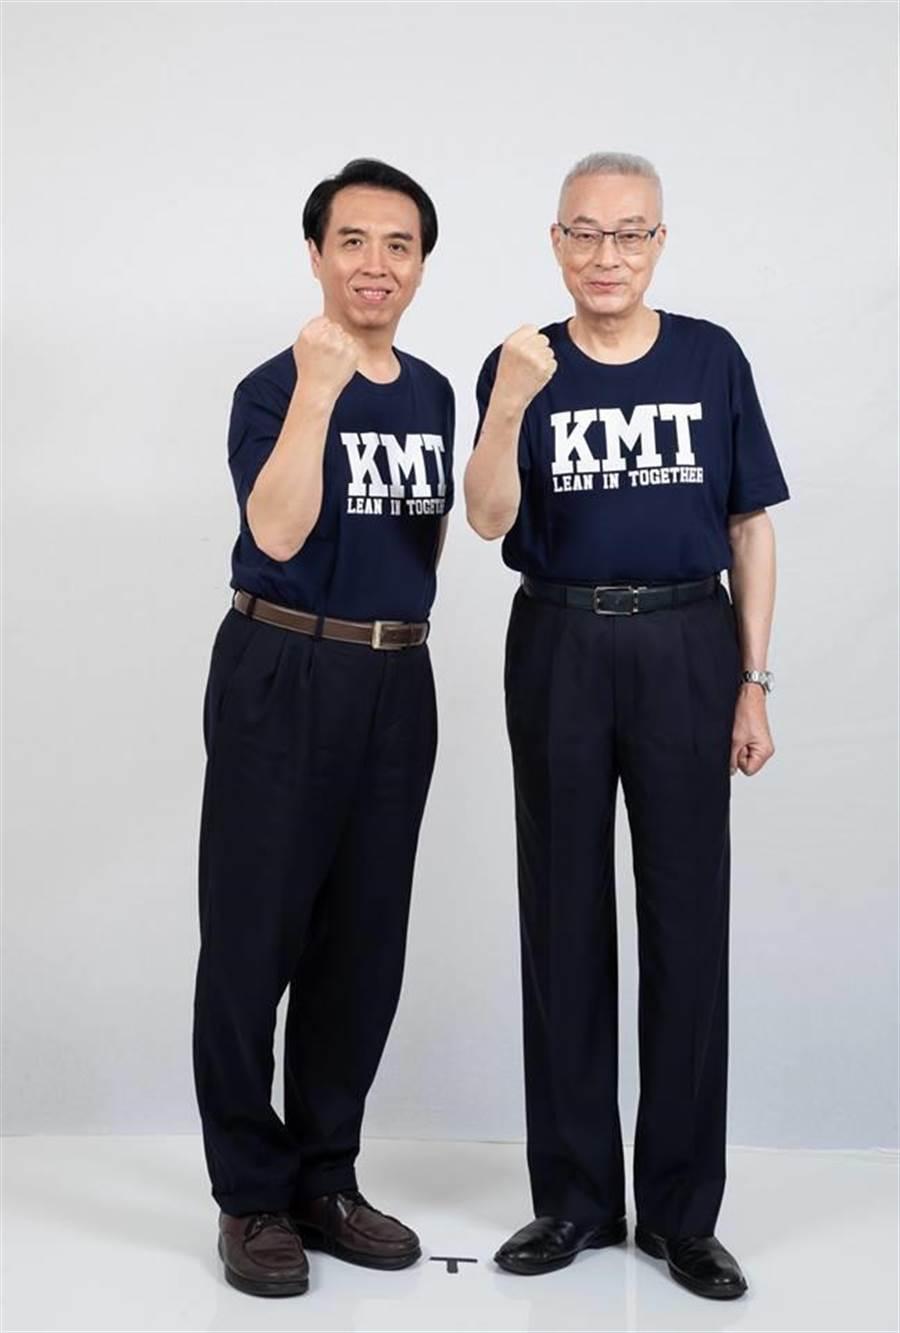 國民黨吳敦義與陳學聖的「神搭配」意外成為焦點(圖/擷取自 陳學聖臉書)